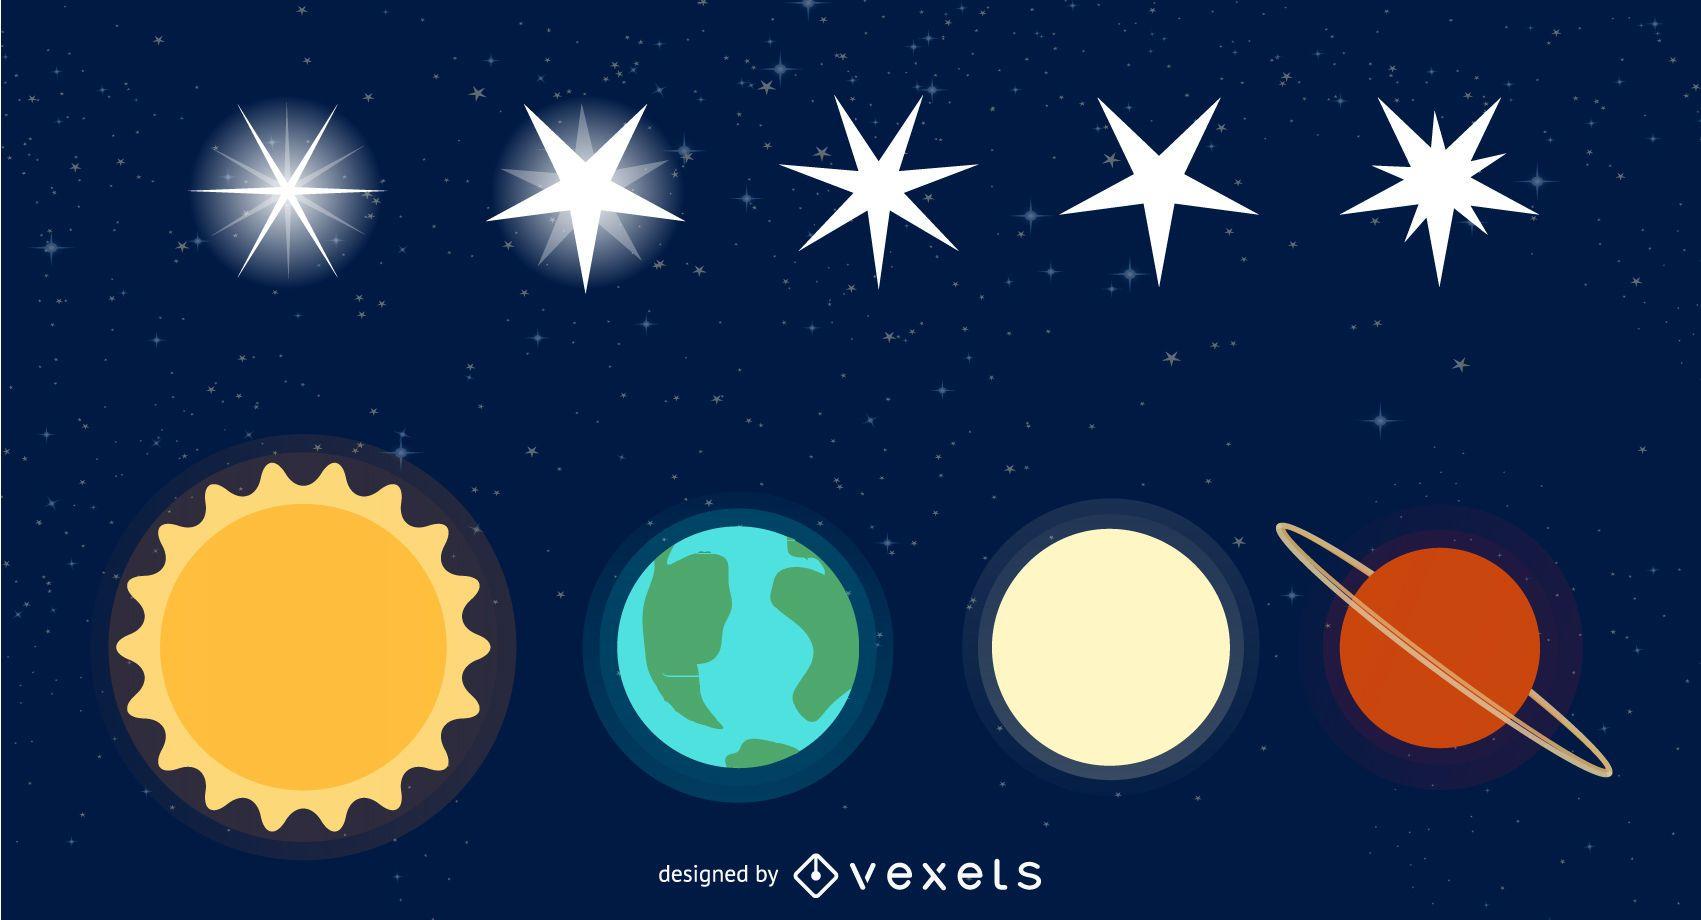 Paquete de vectores de estrellas y galaxias gratis